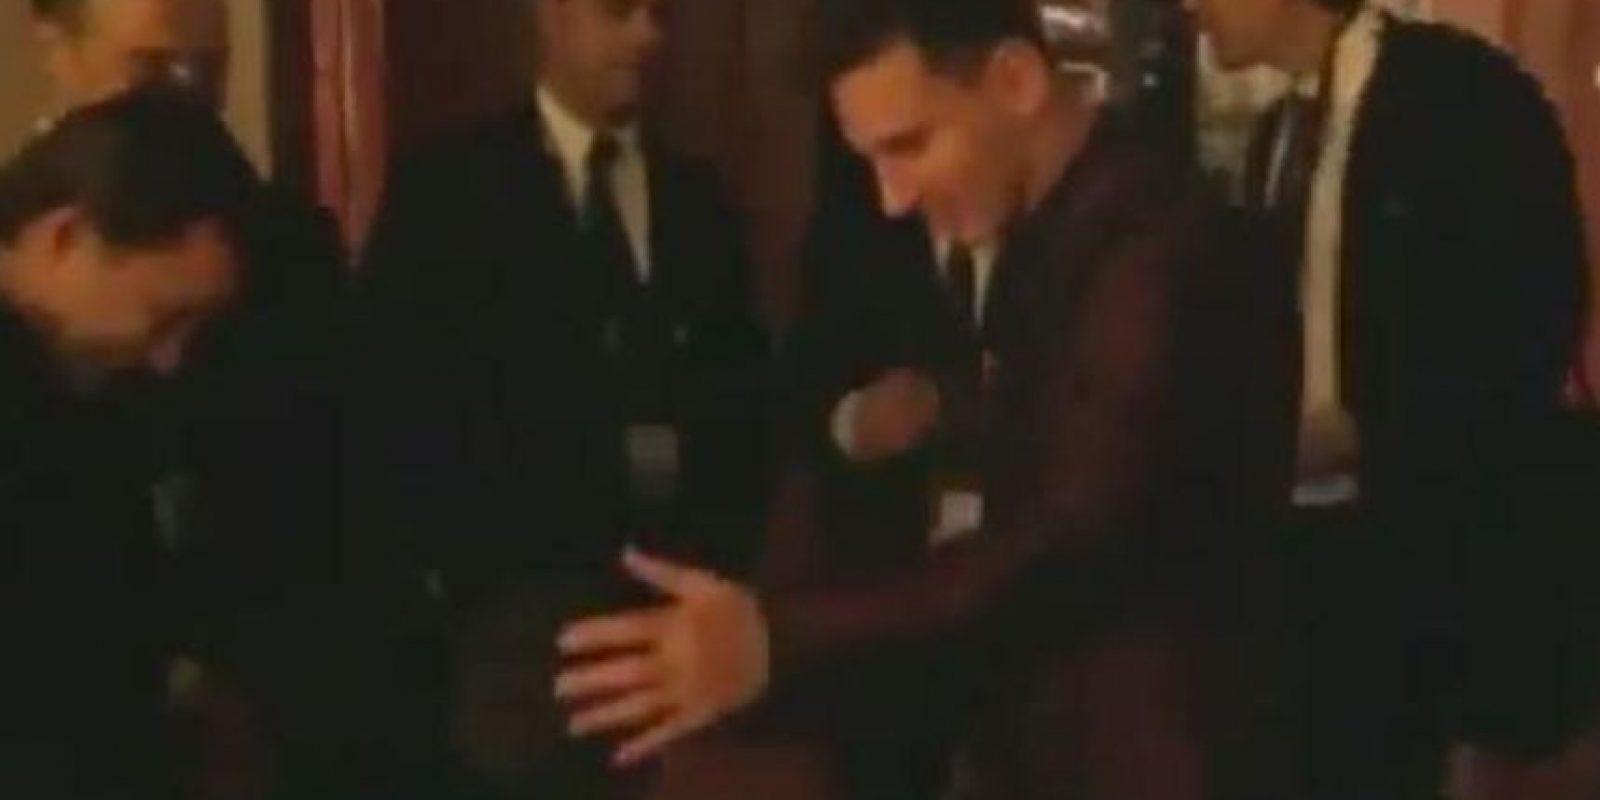 El momento en que Messi saluda al hijo de Cristiano Ronaldo. Foto:vía YouTube